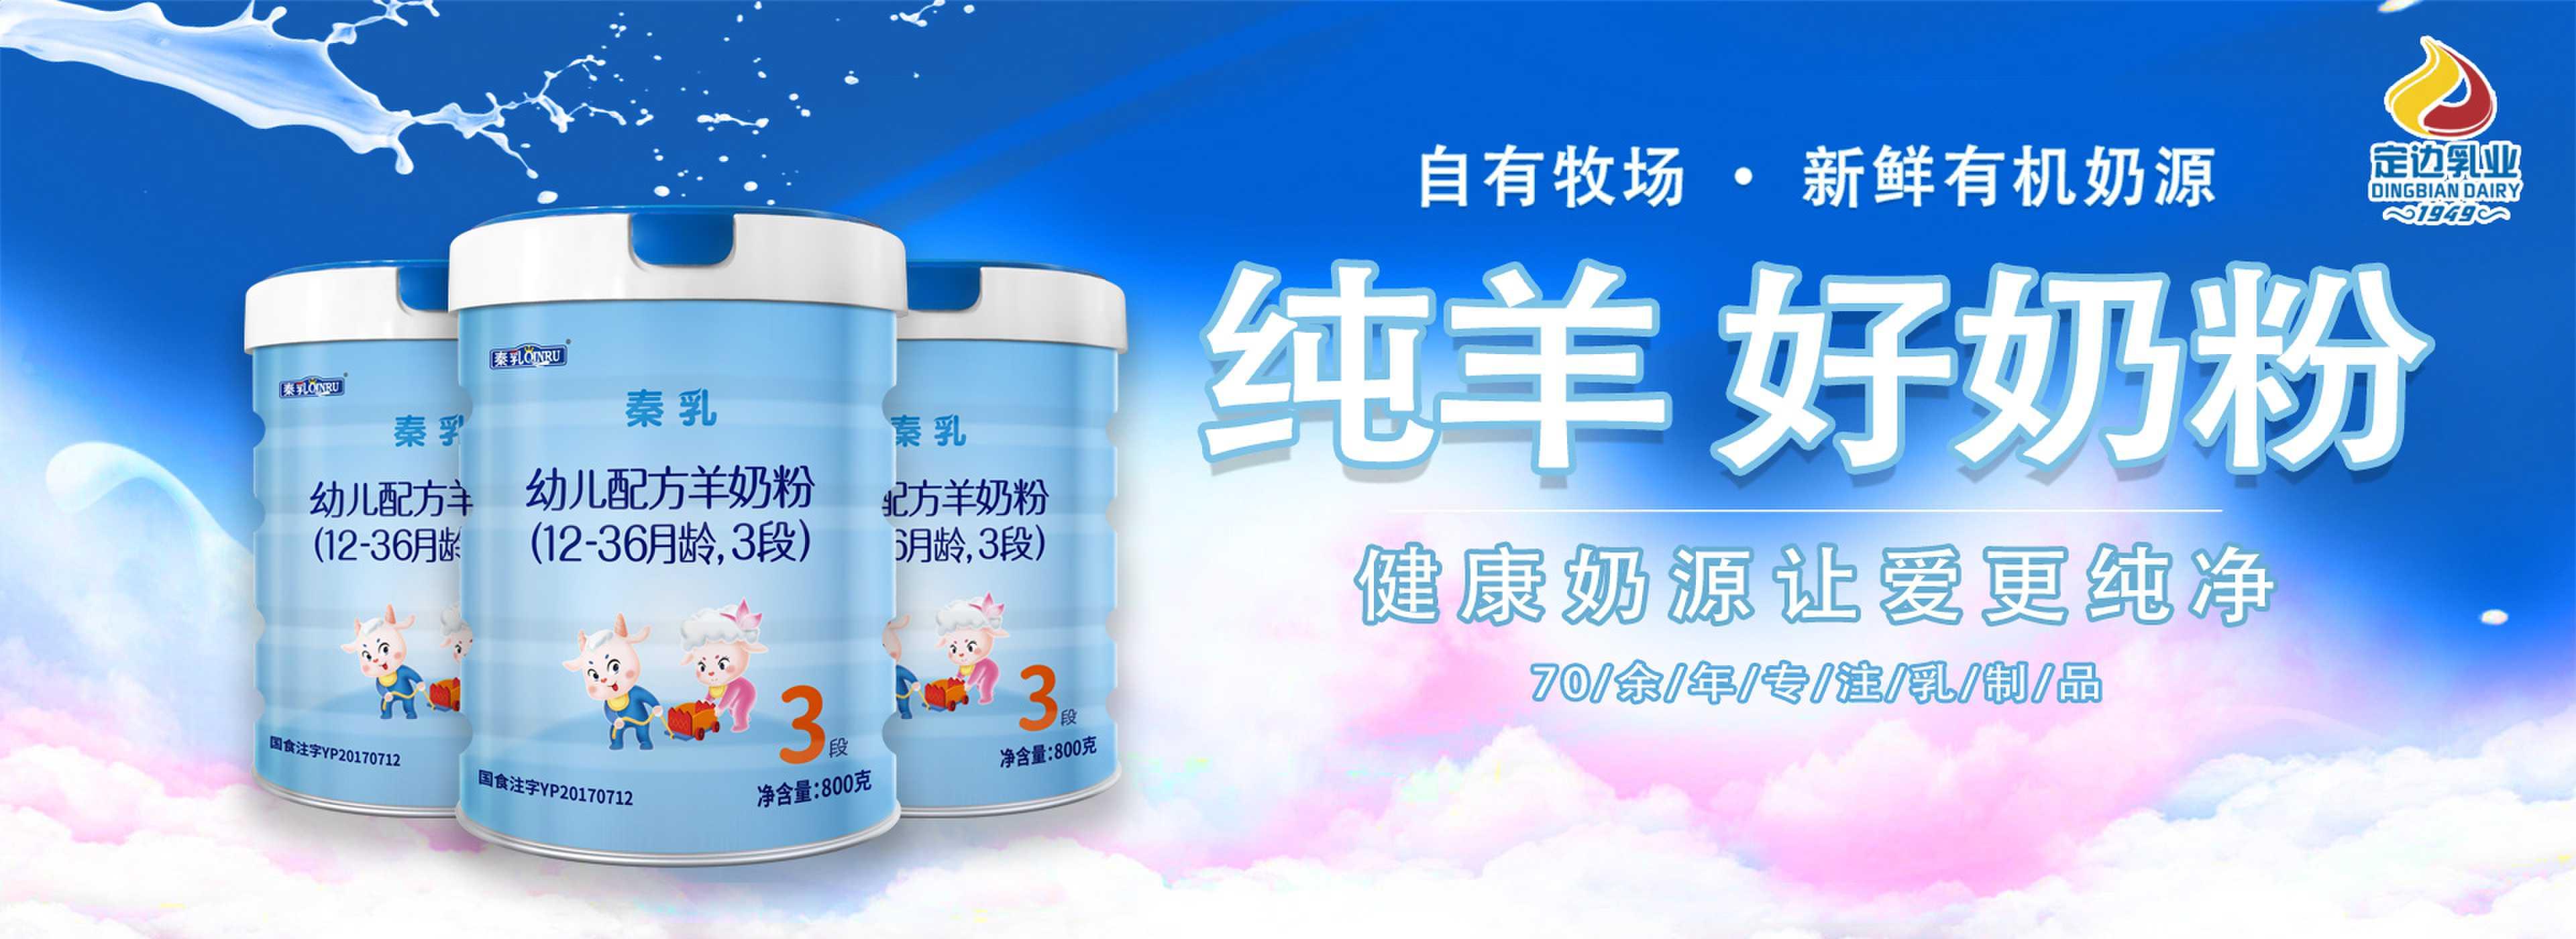 公司位于陕甘宁内蒙四省交接处,地理位置优越,拥有现代化的酸奶及含乳饮料生产线以及现代化的欧美标准示范牧场。